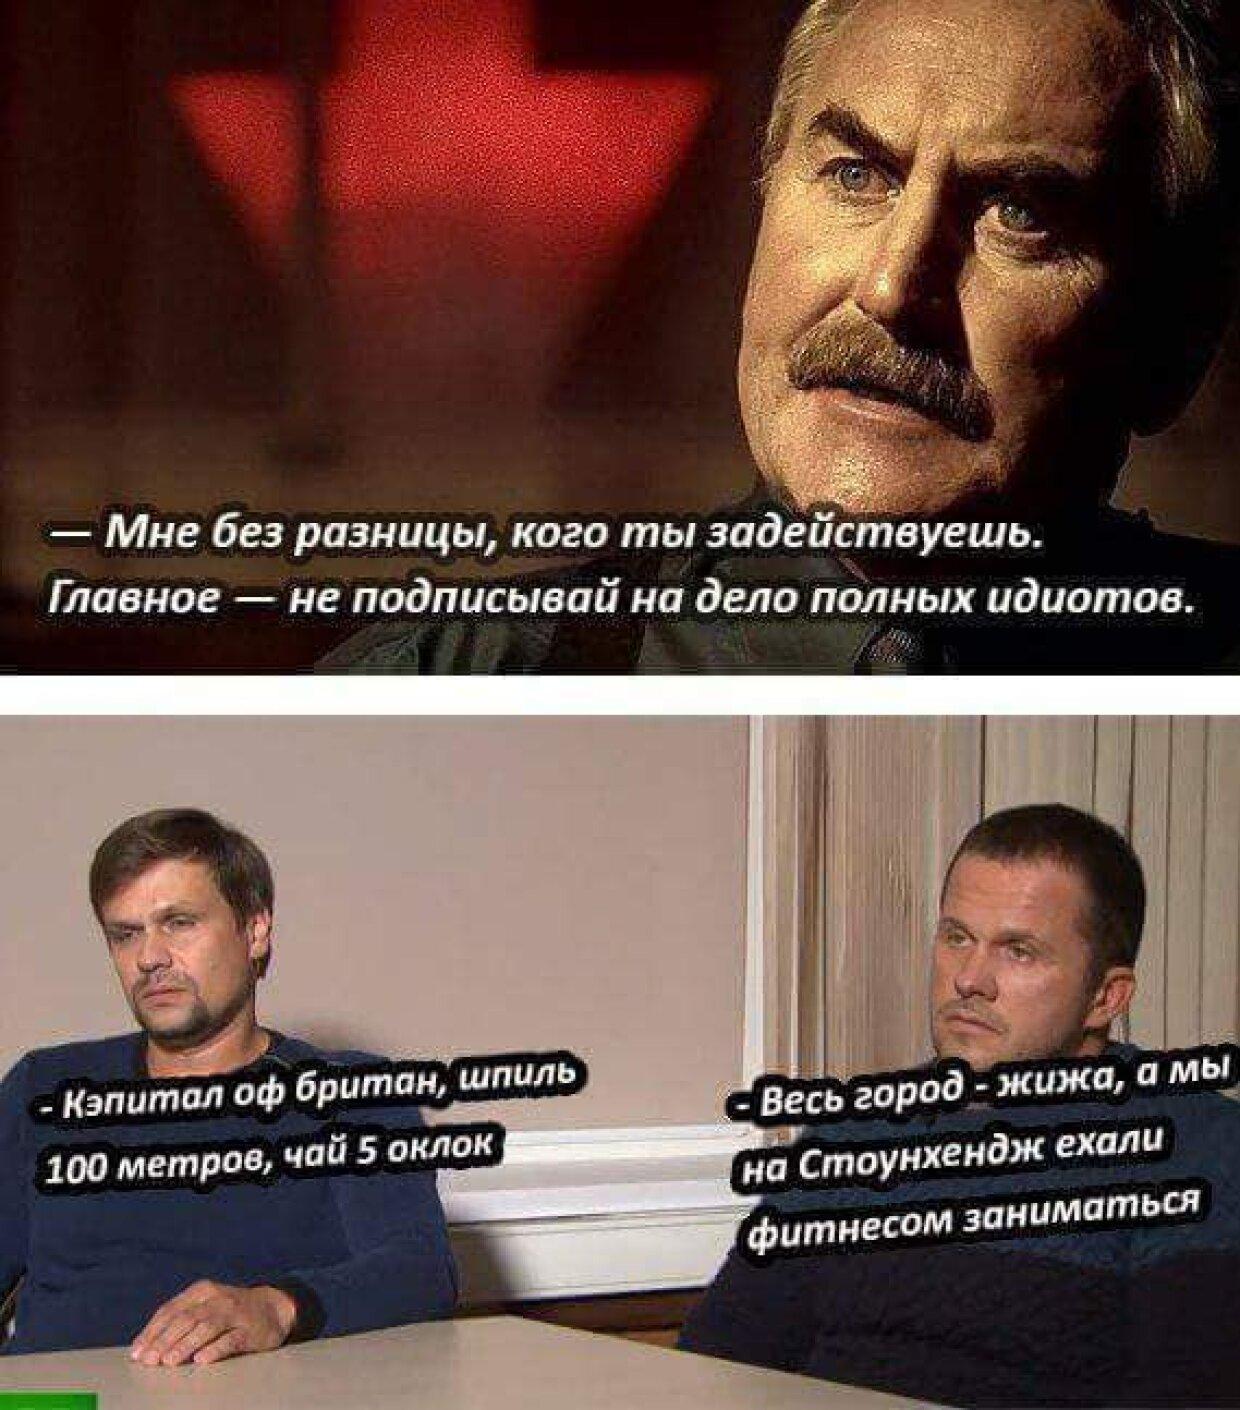 русский гей трахает русского гея бесплатно